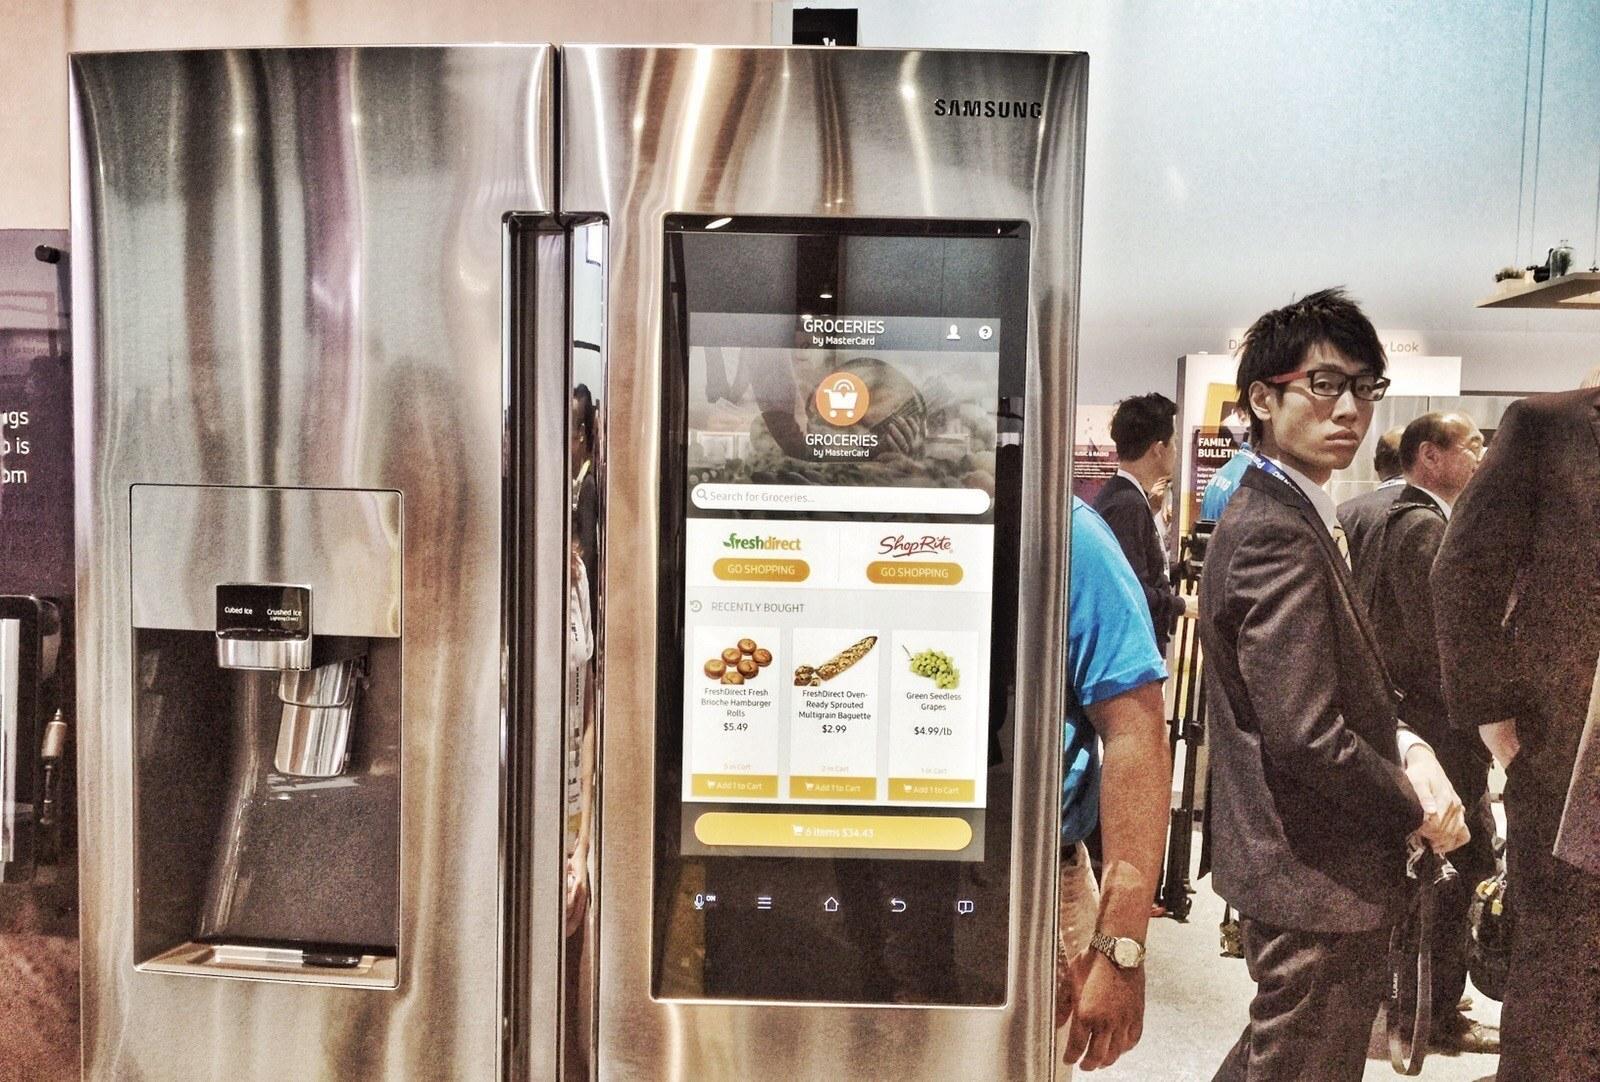 ces-2016-fridge